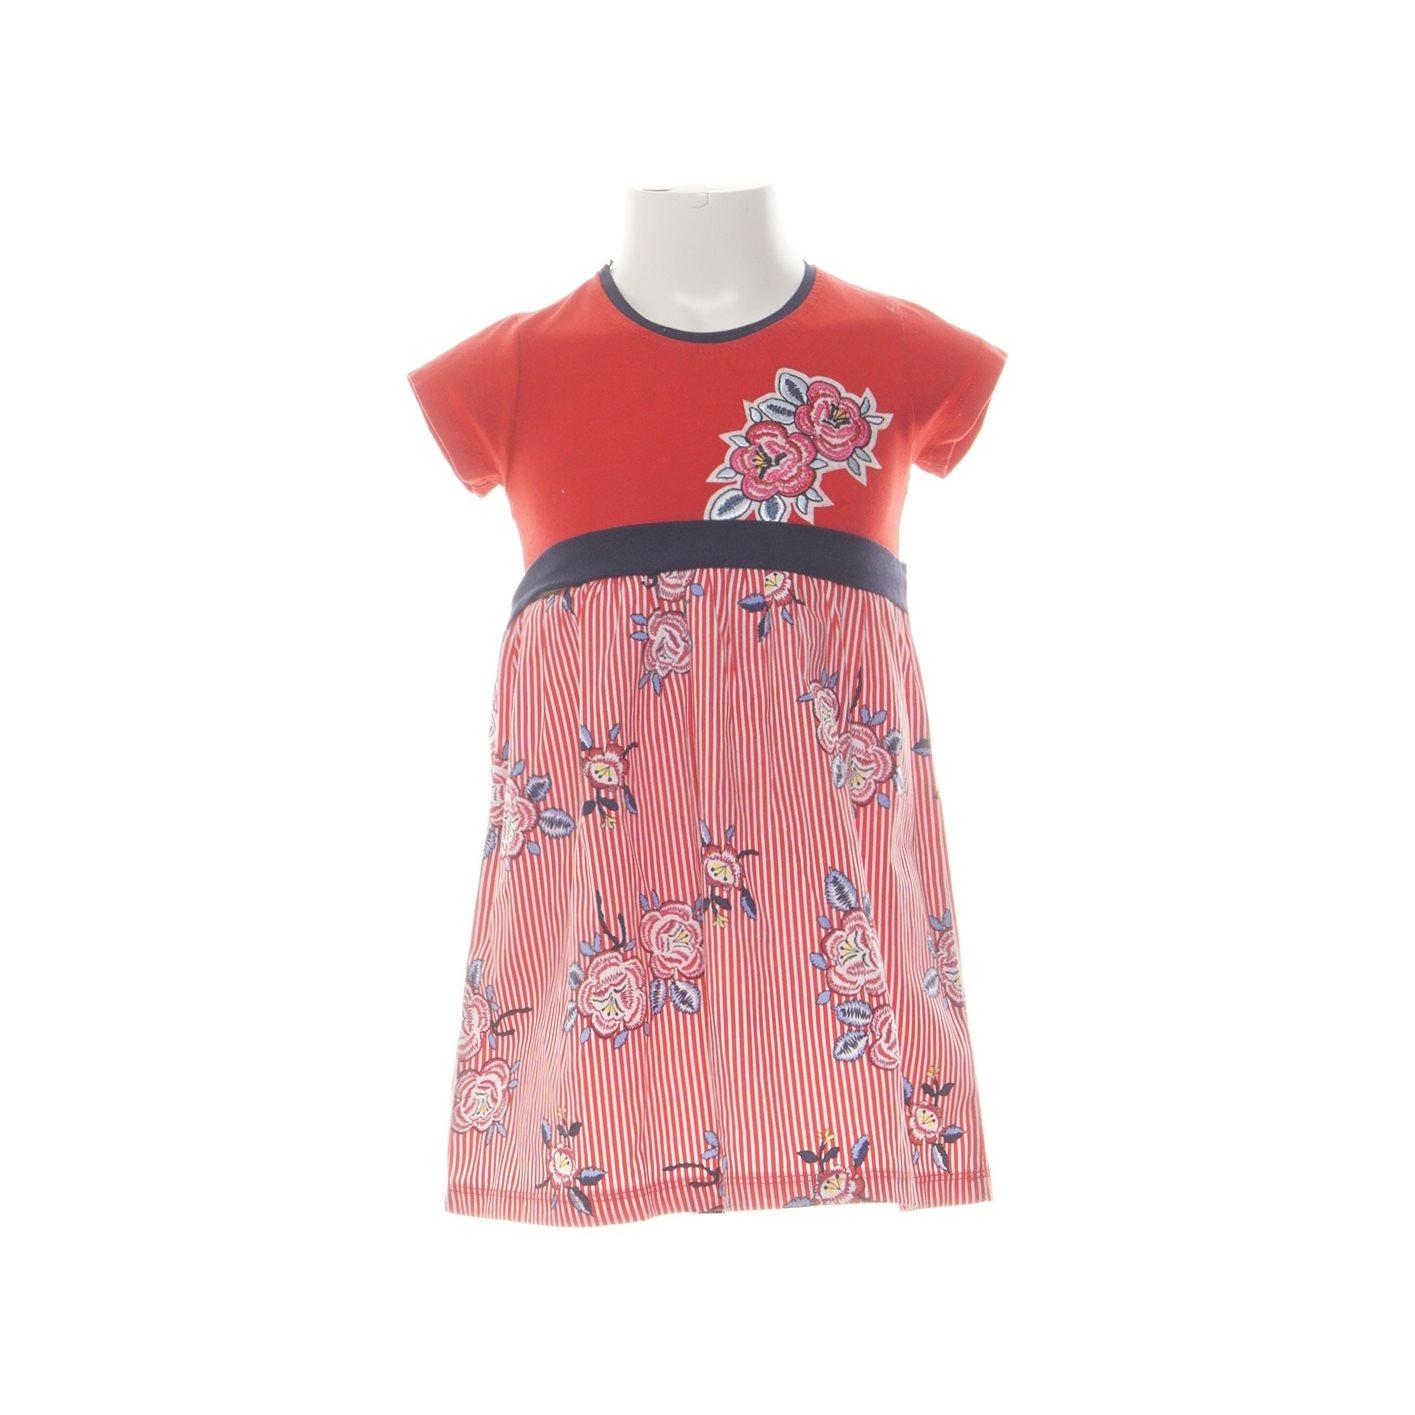 409818058536 Baby Pink, Klänning, Strl: 104, Röd/Flerfärgad (344883182) ᐈ Sellpy ...